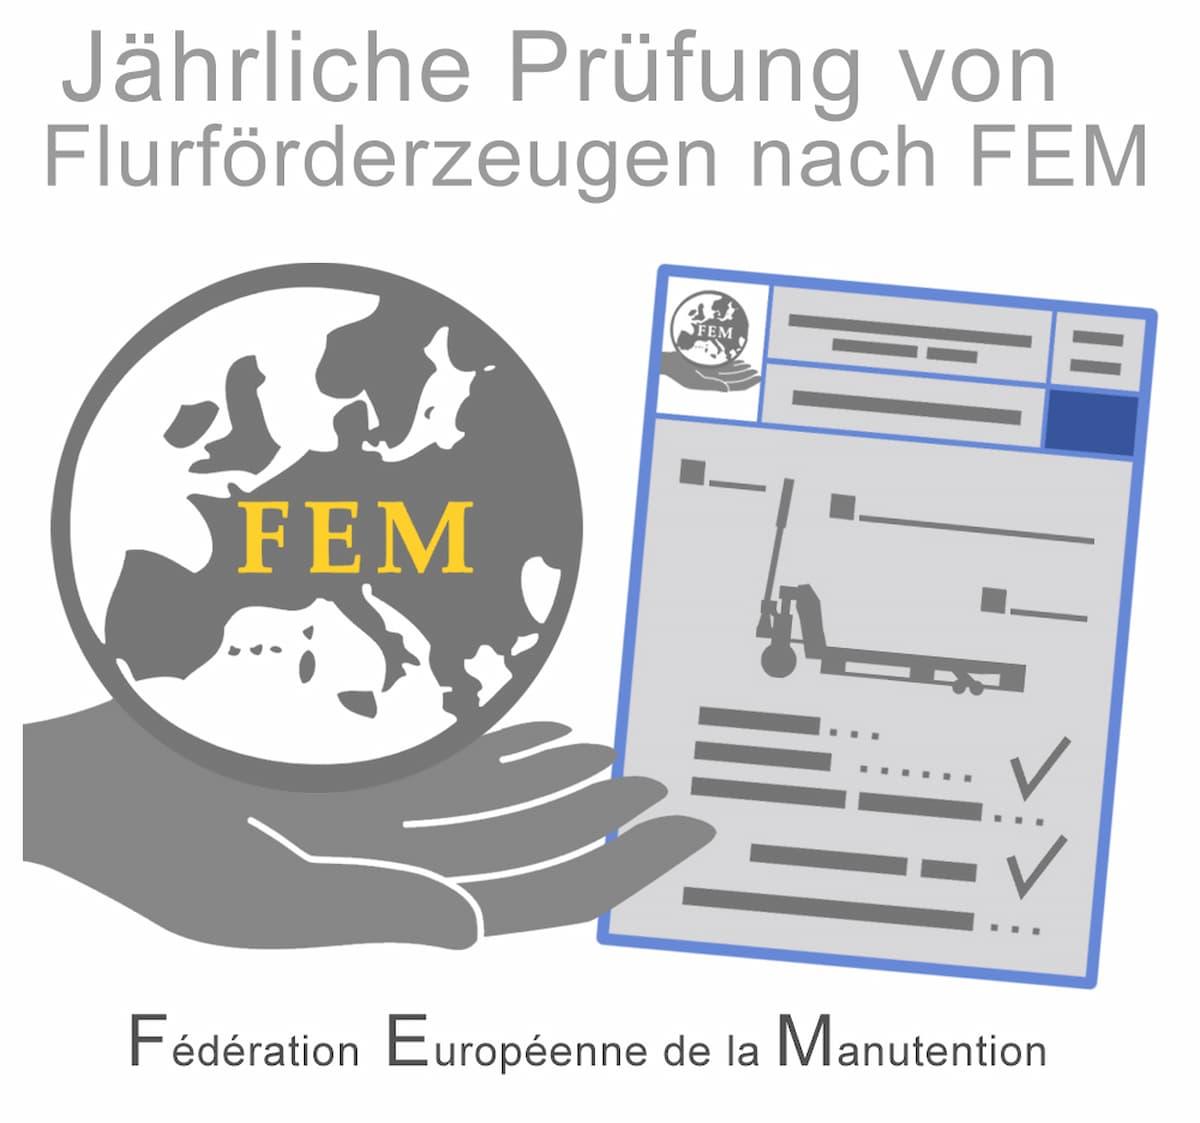 Jährliche Prüfung von Flurförderzeugen nach FEM